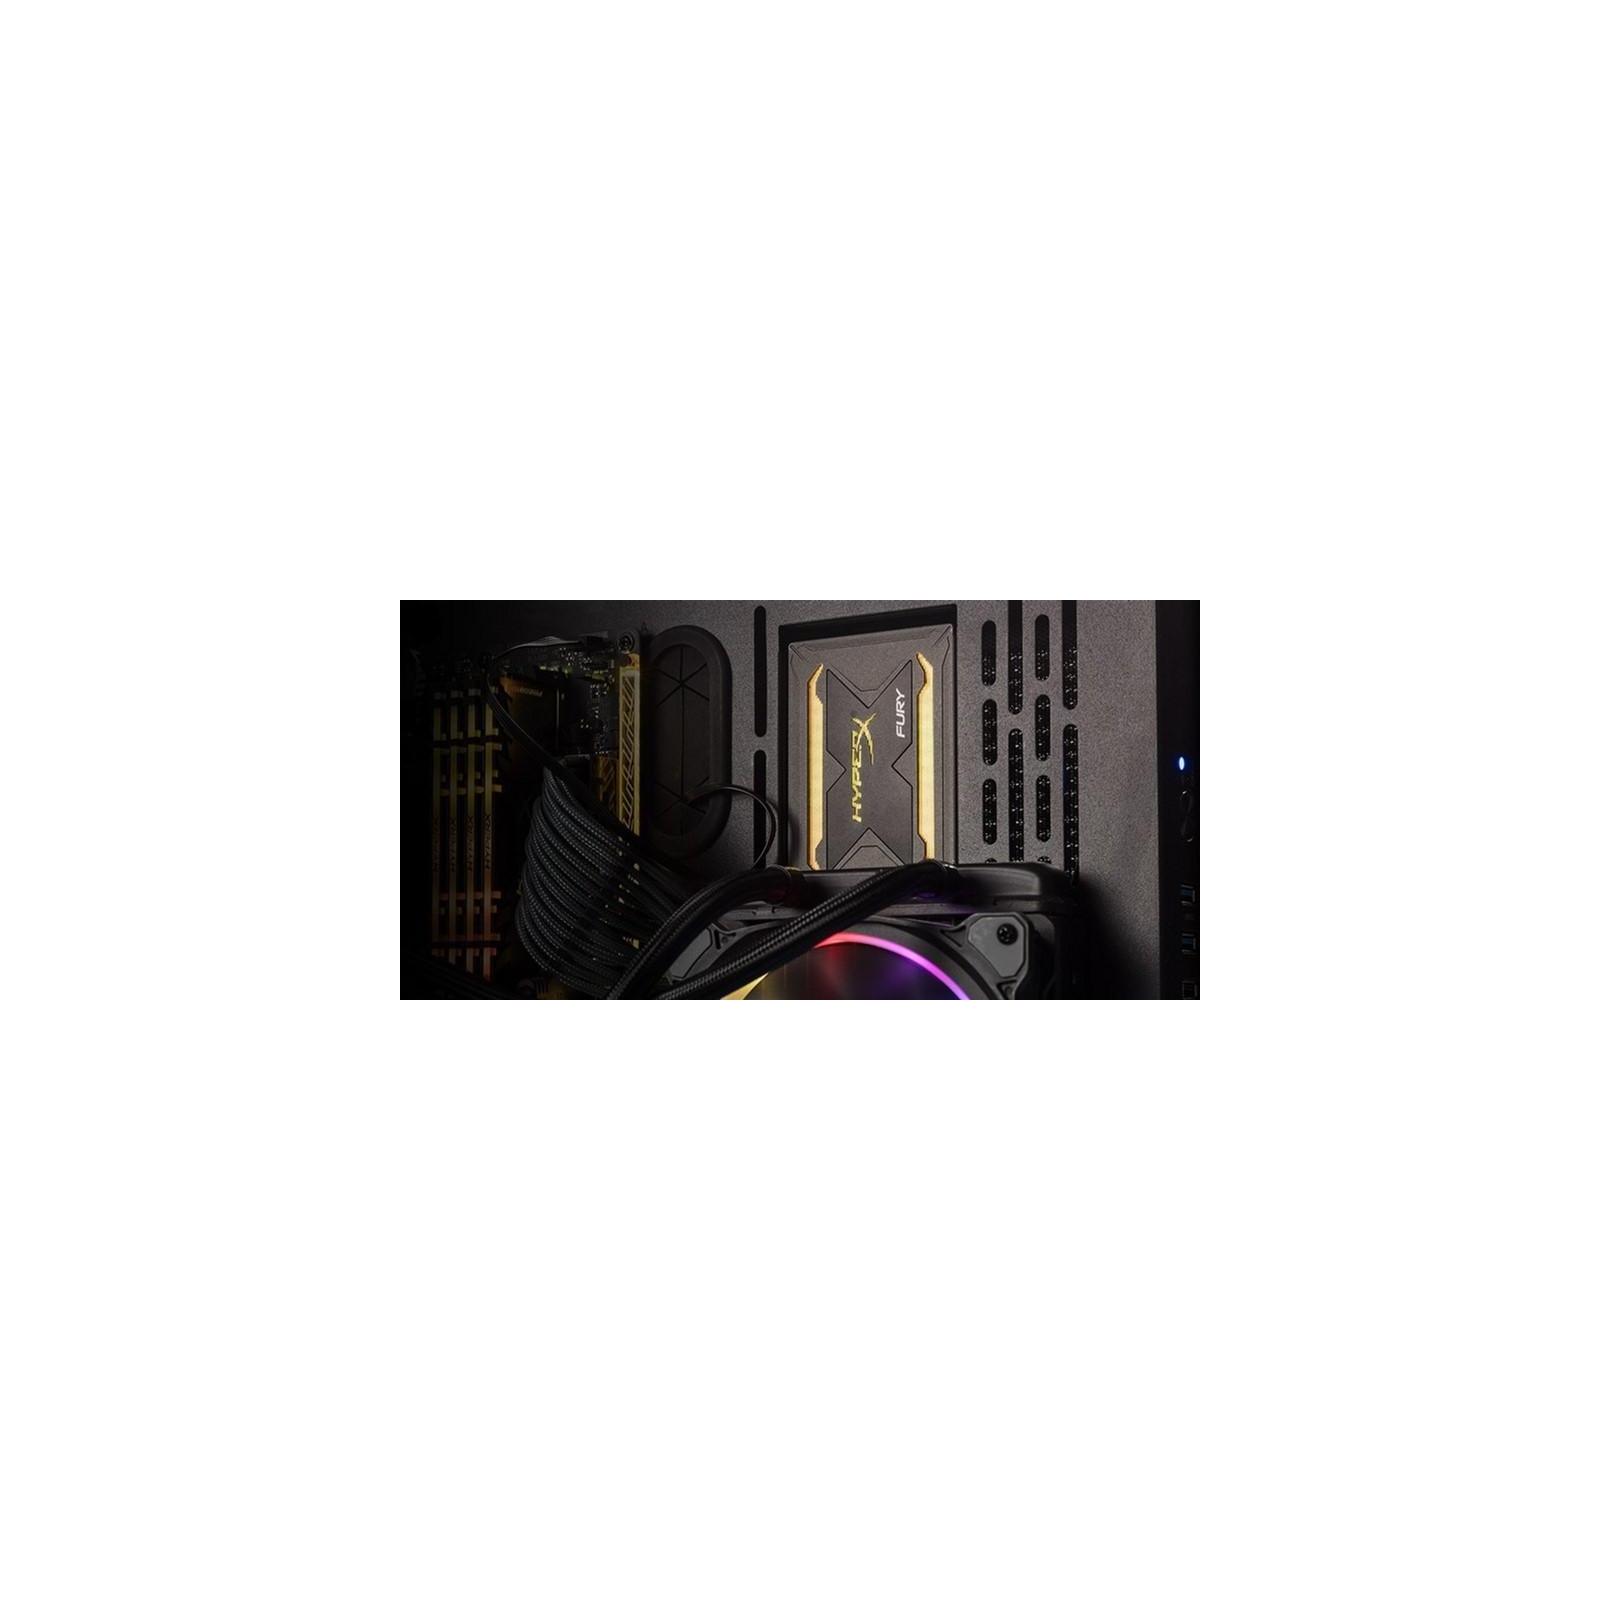 """Накопичувач SSD 2.5"""" 480GB HyperX SSD (SHFR200/480G) зображення 11"""